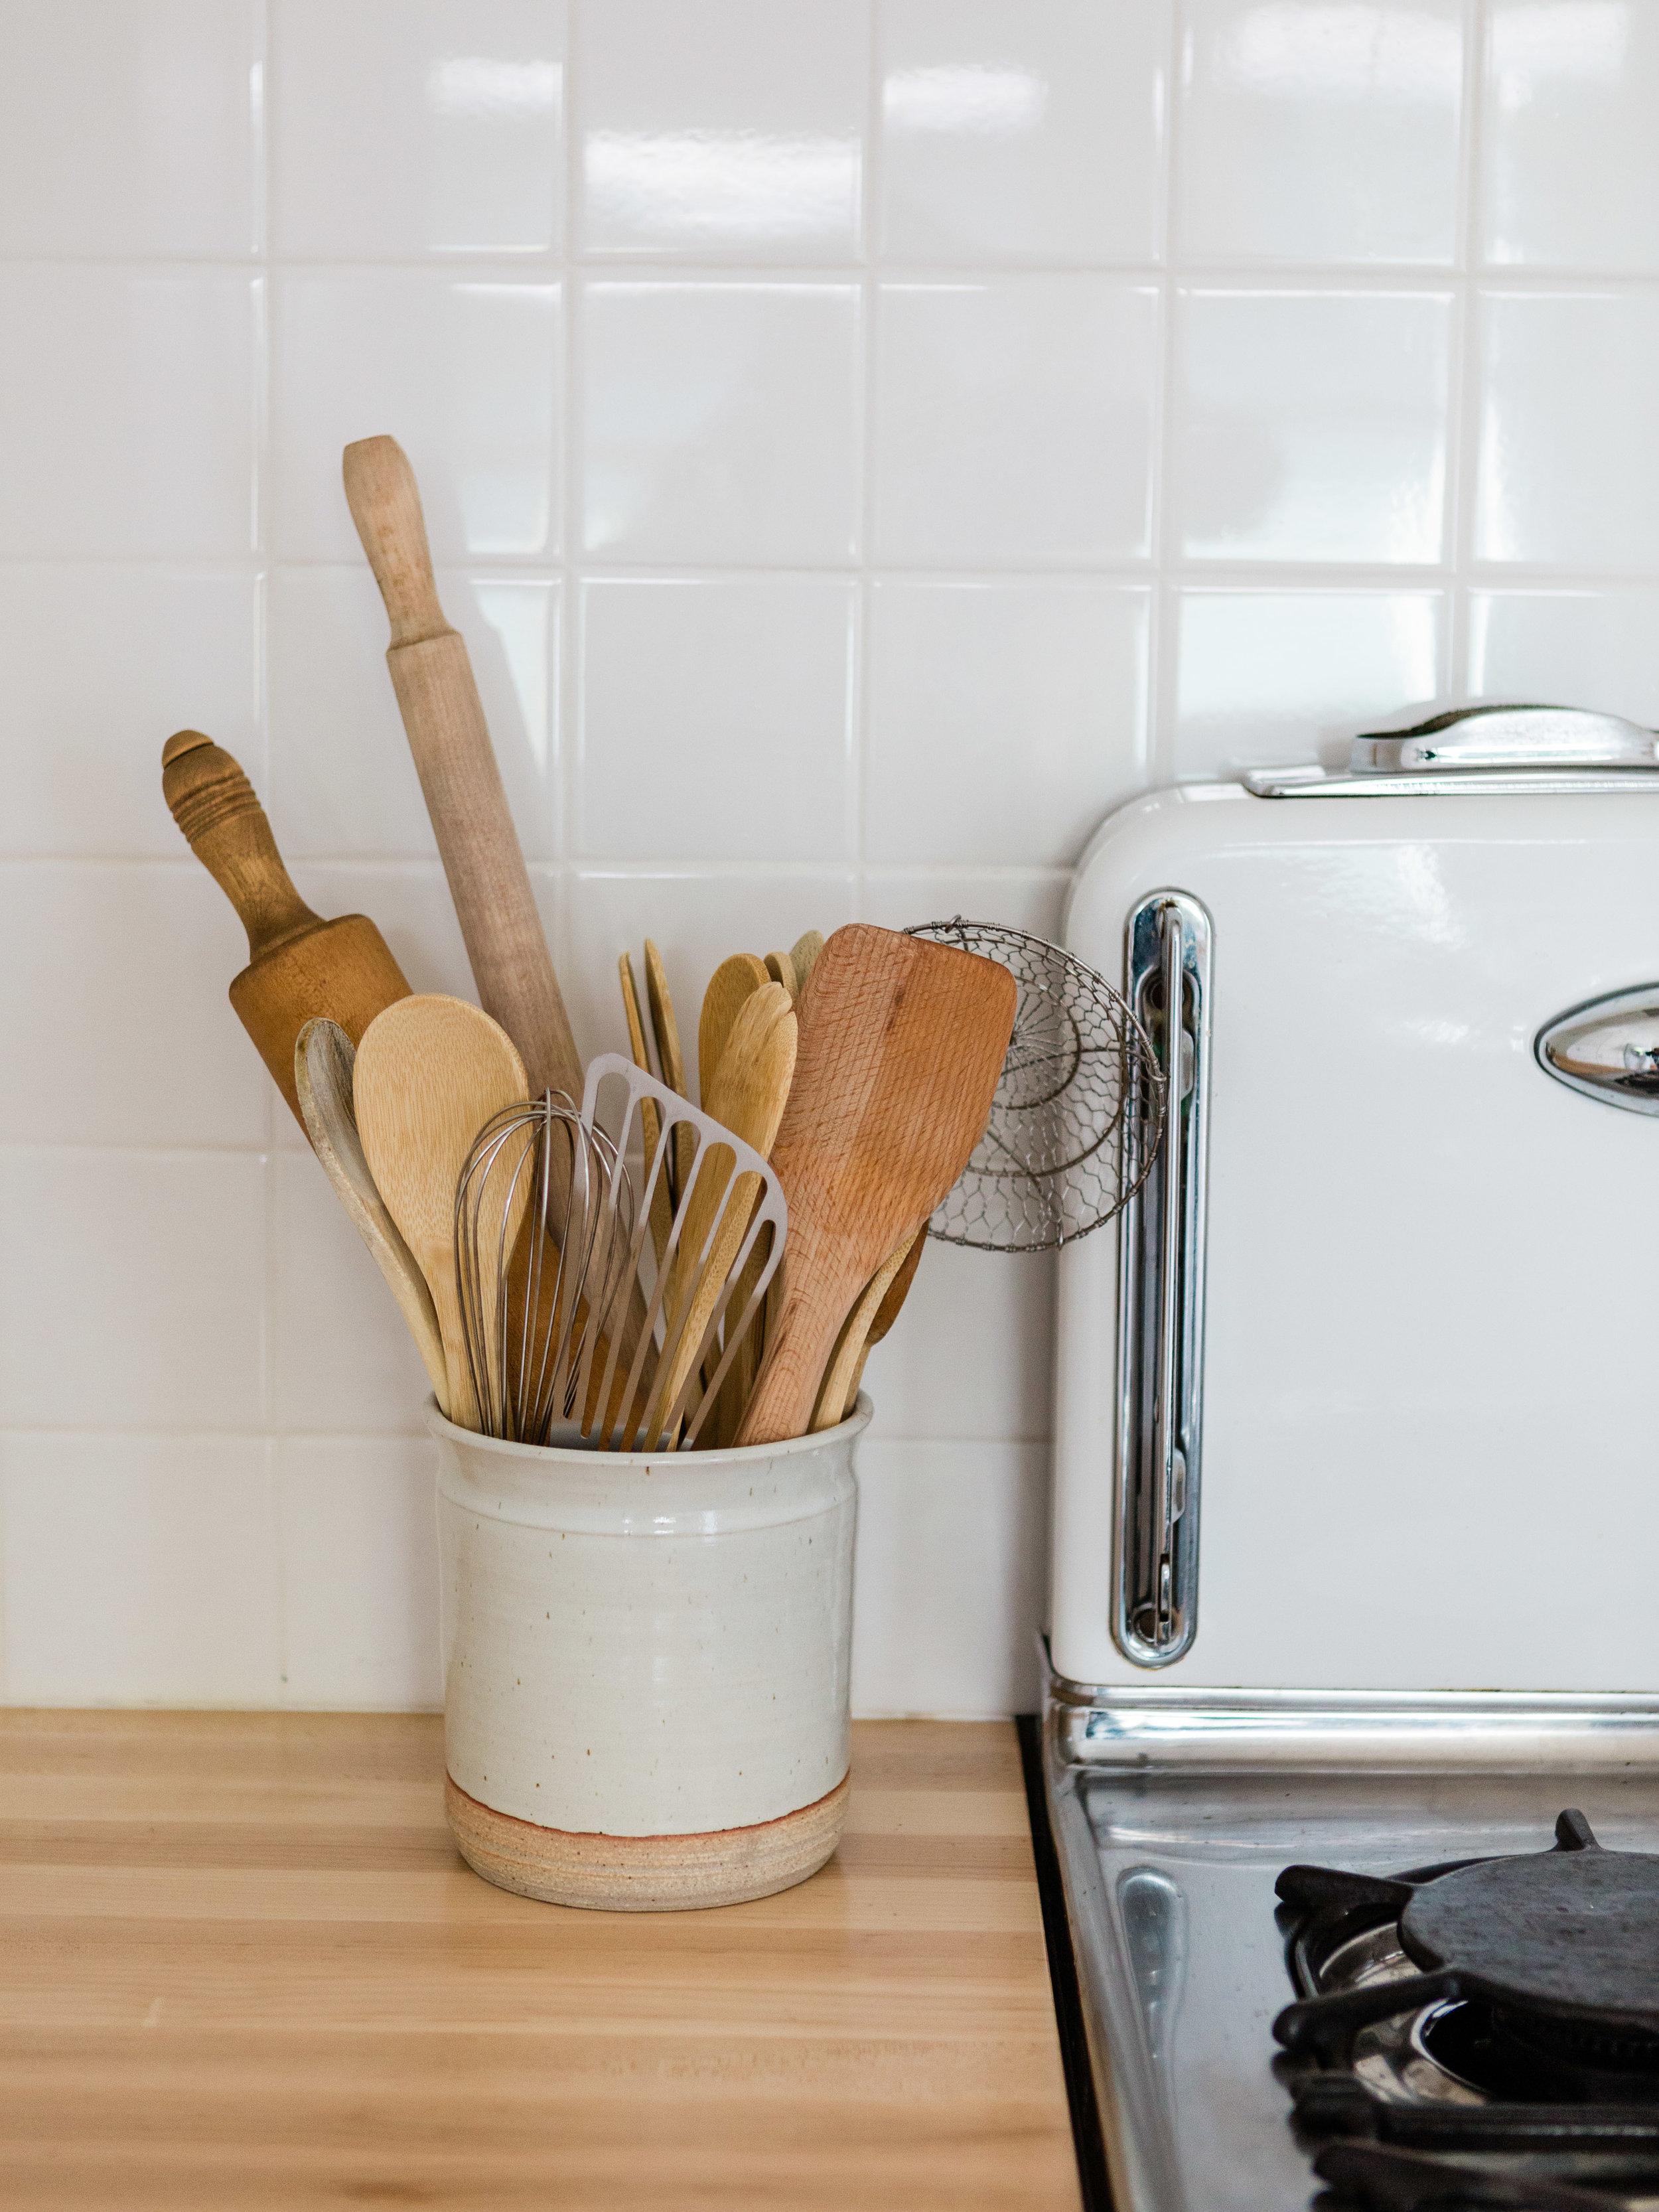 Ceramic handmade utensil holder in white kitchen from Foragedhome.com